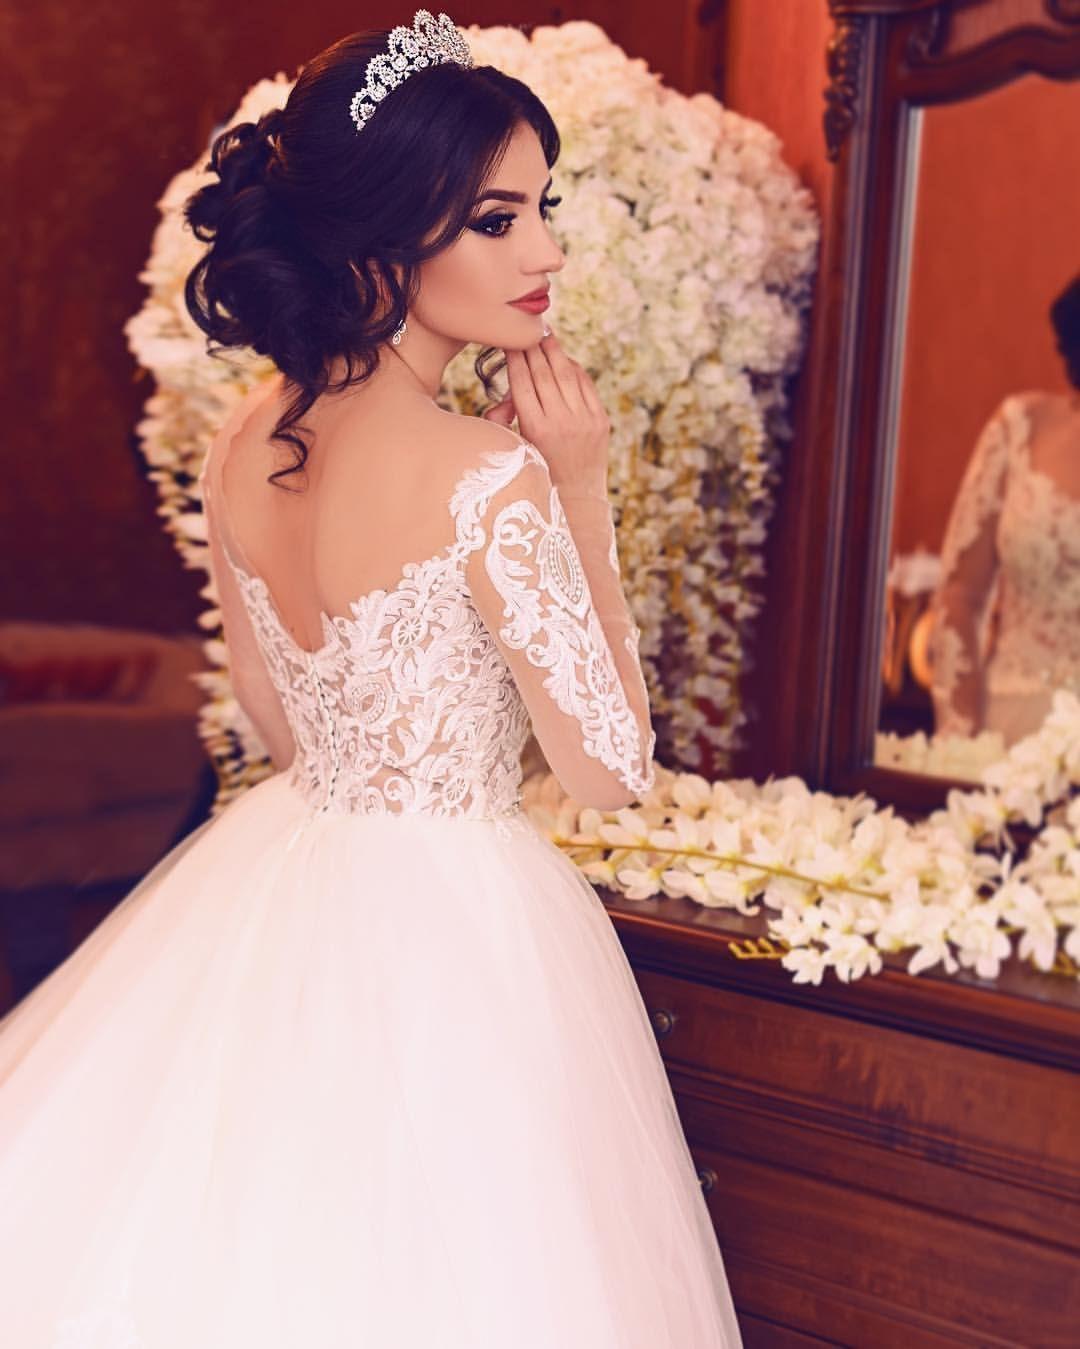 mywork #bride - Dream Wedding ✨ #frisur #frisuren #haar, #Bride